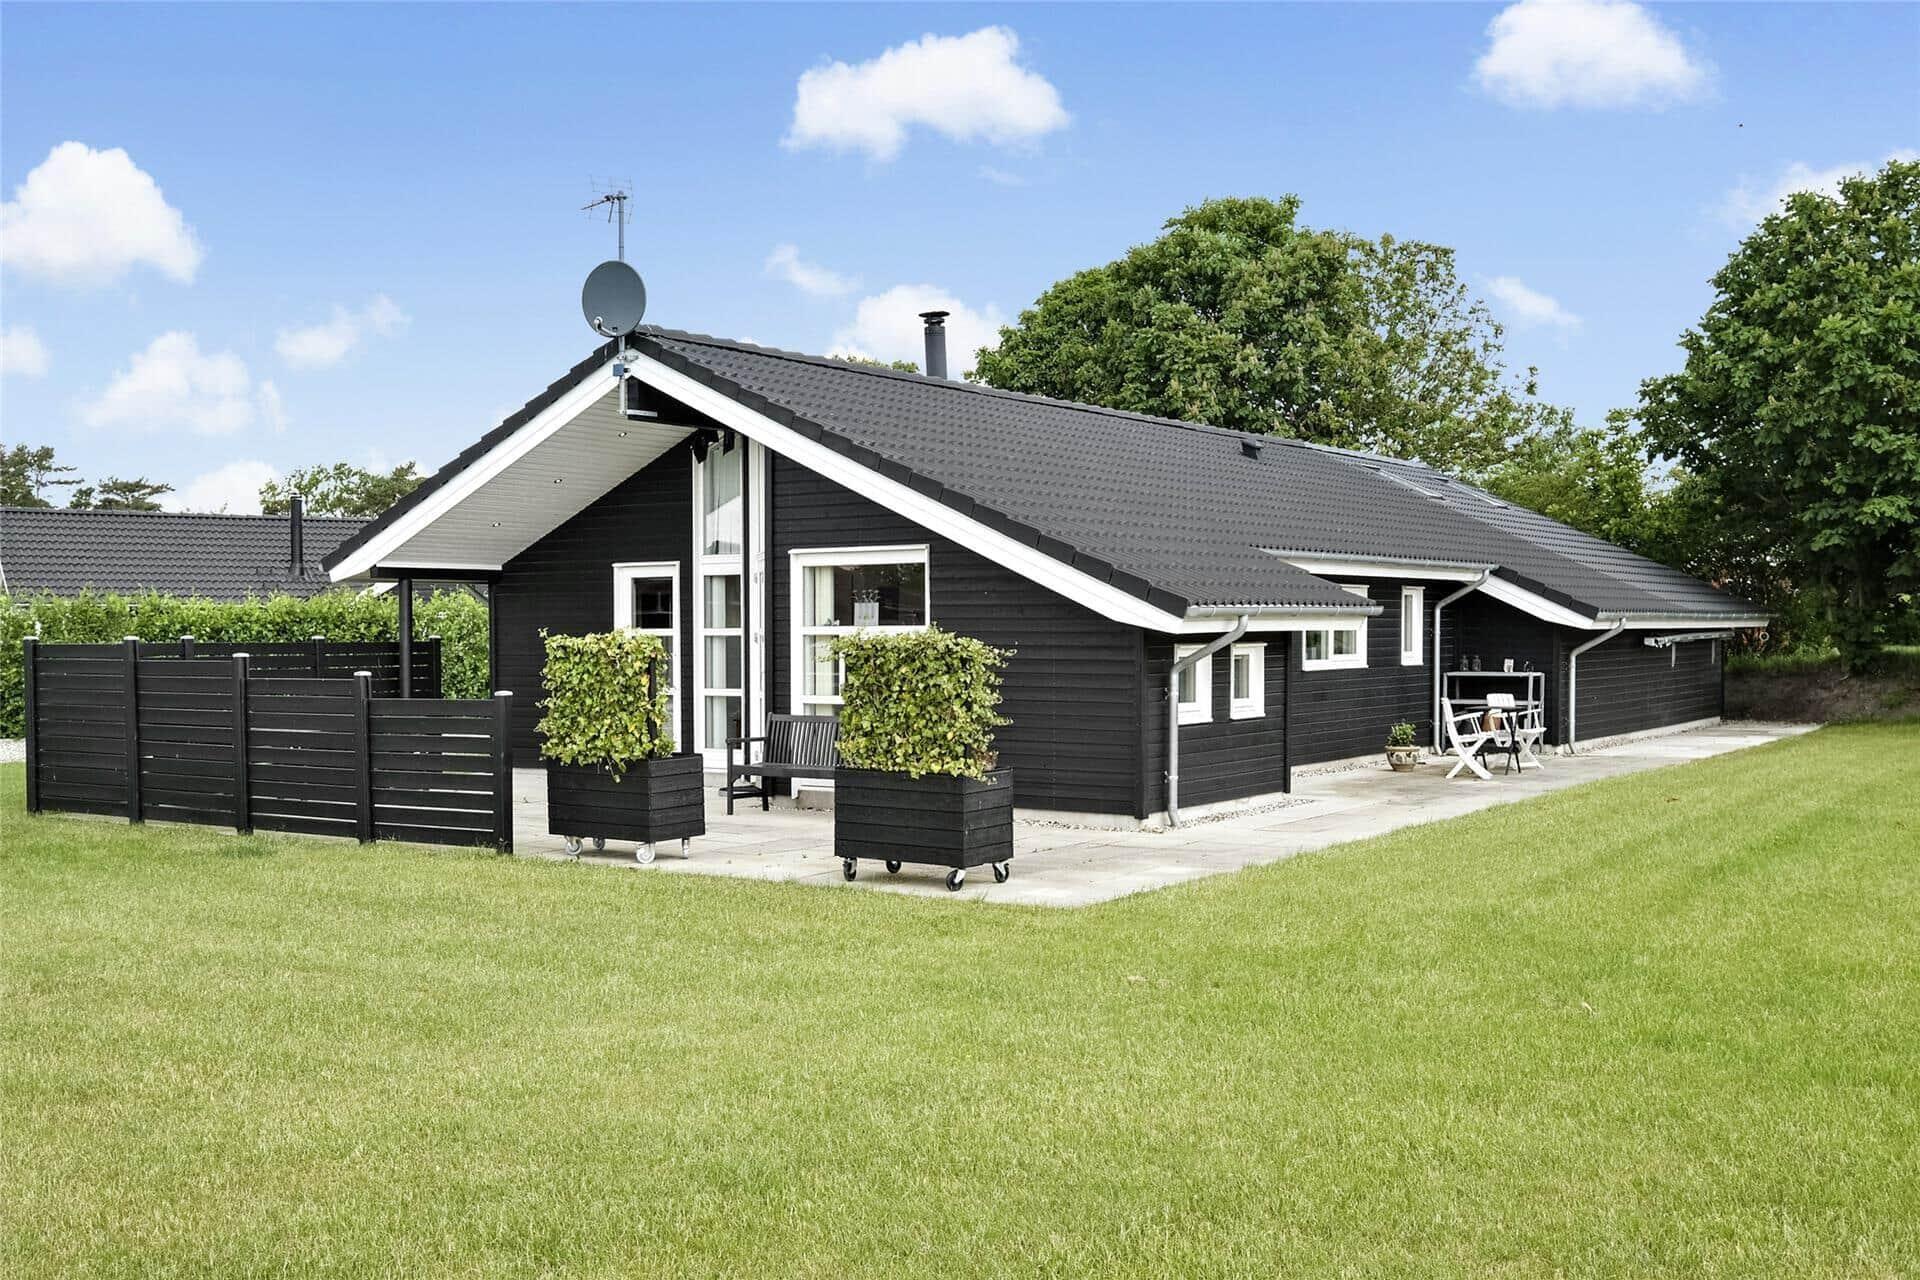 Billede 1-401 Sommerhus OH335, Haslevgårde Eng 15, DK - 9560 Hadsund